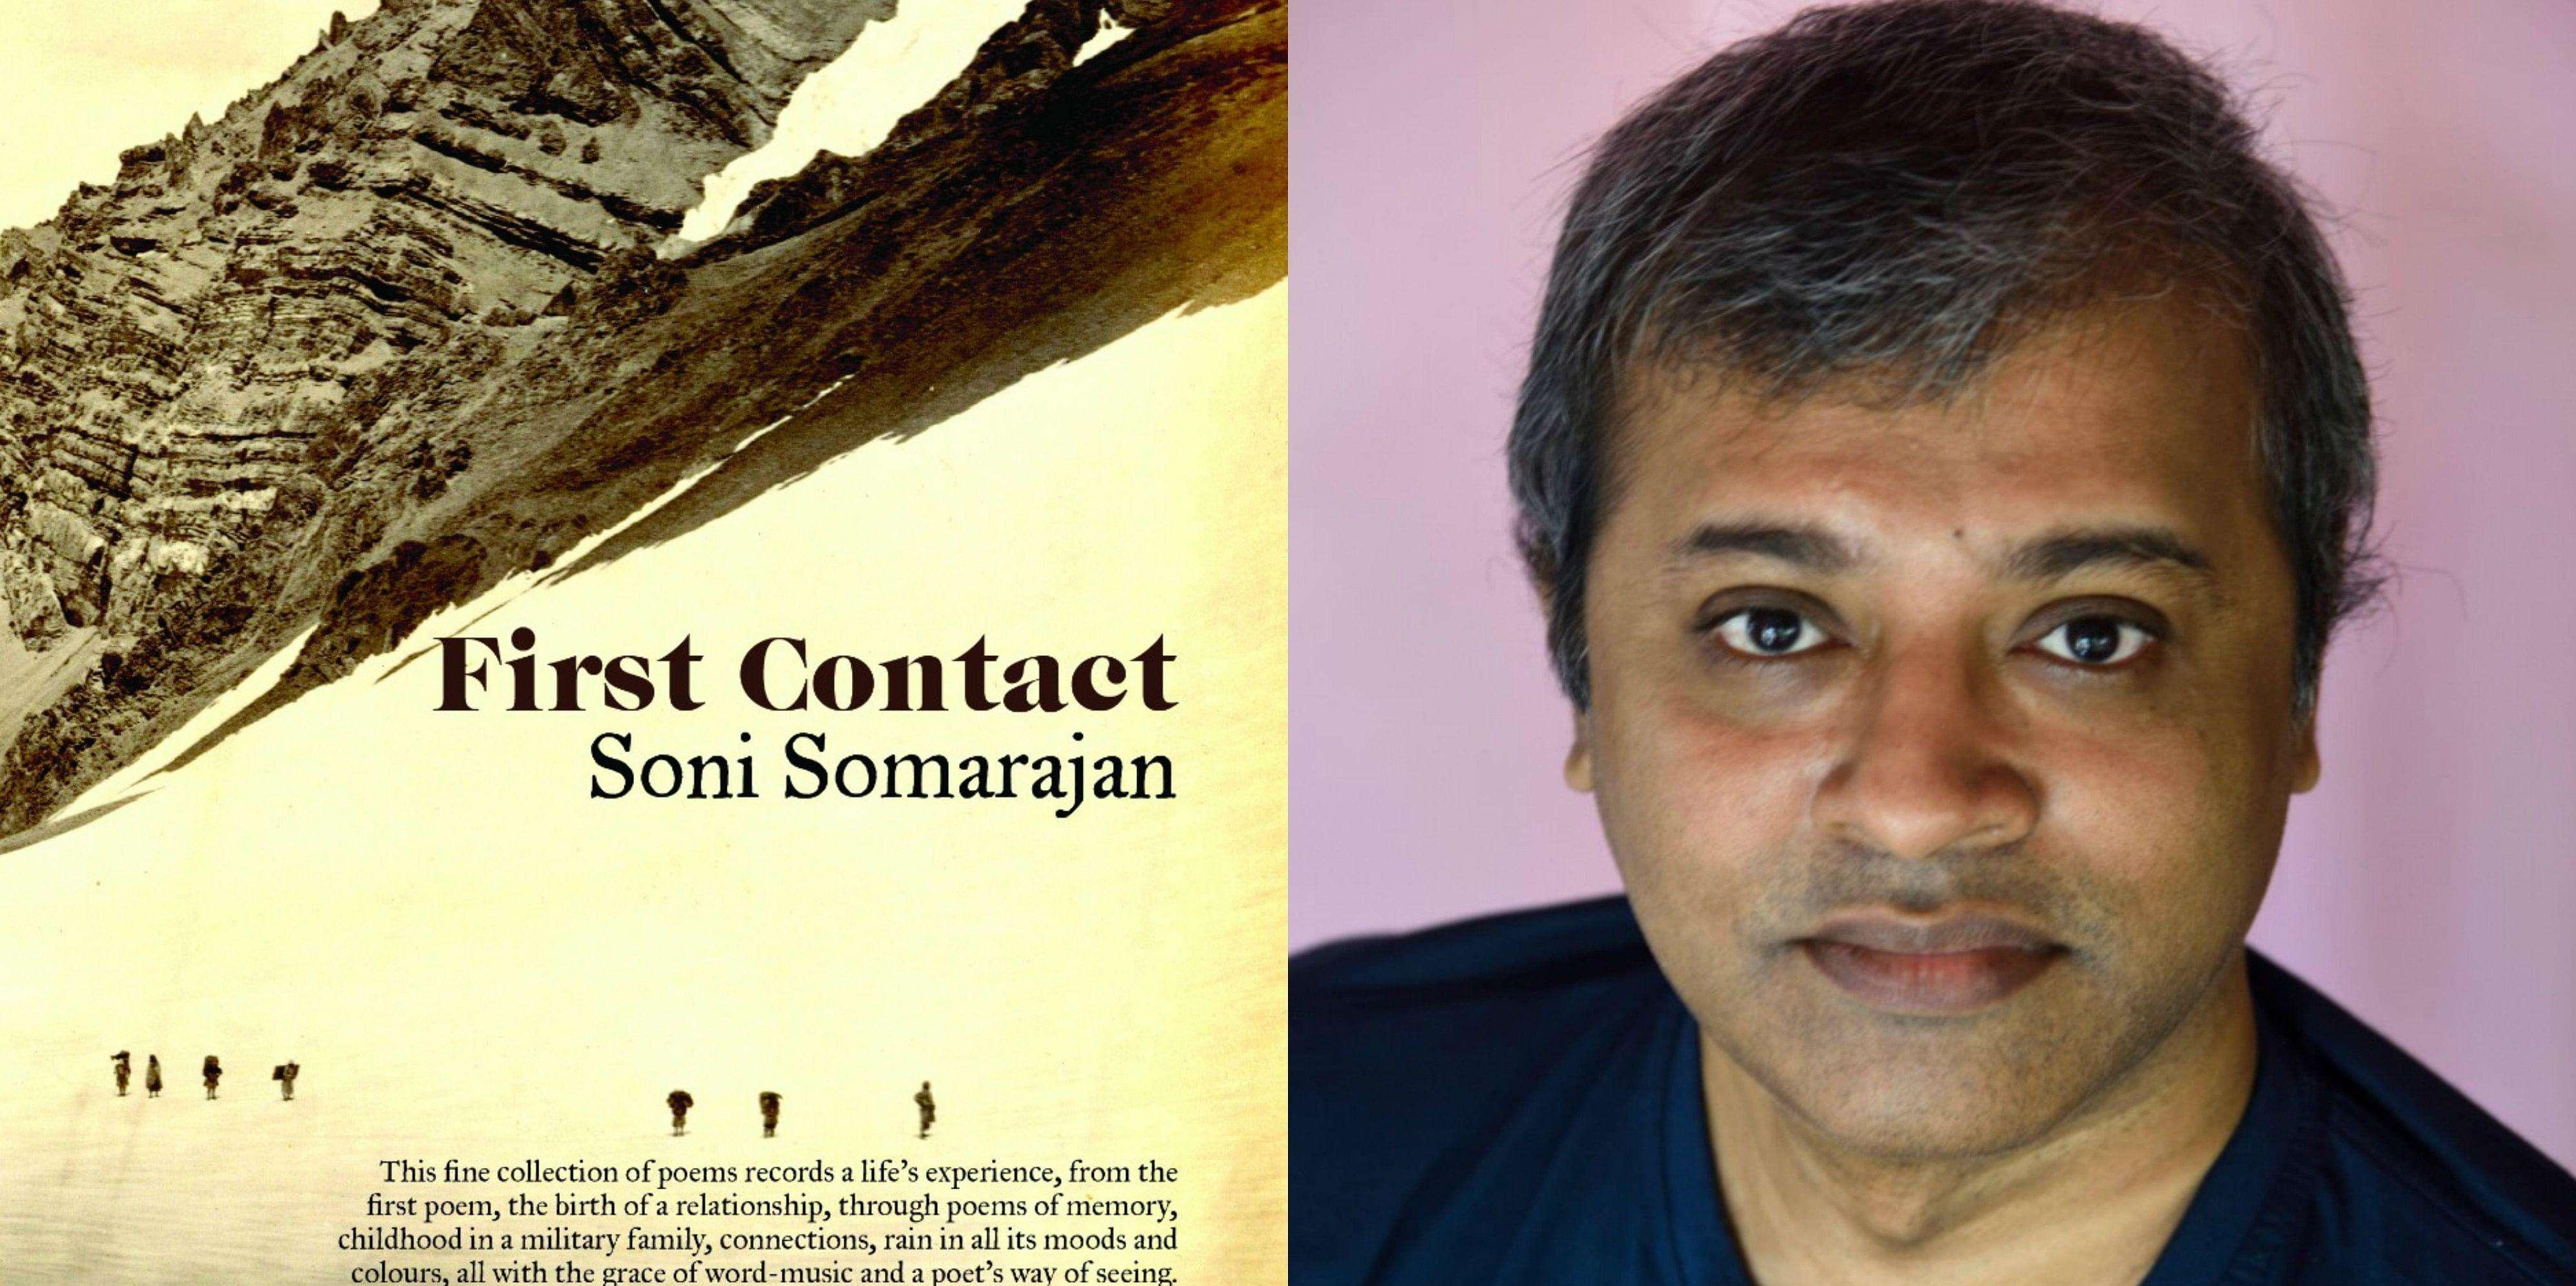 'ഫസ്റ്റ് കോണ്ടാക്ട്';ജീവിതം തുളുമ്പുന്ന കവിതയുമായിസോണി സോമരാജന്